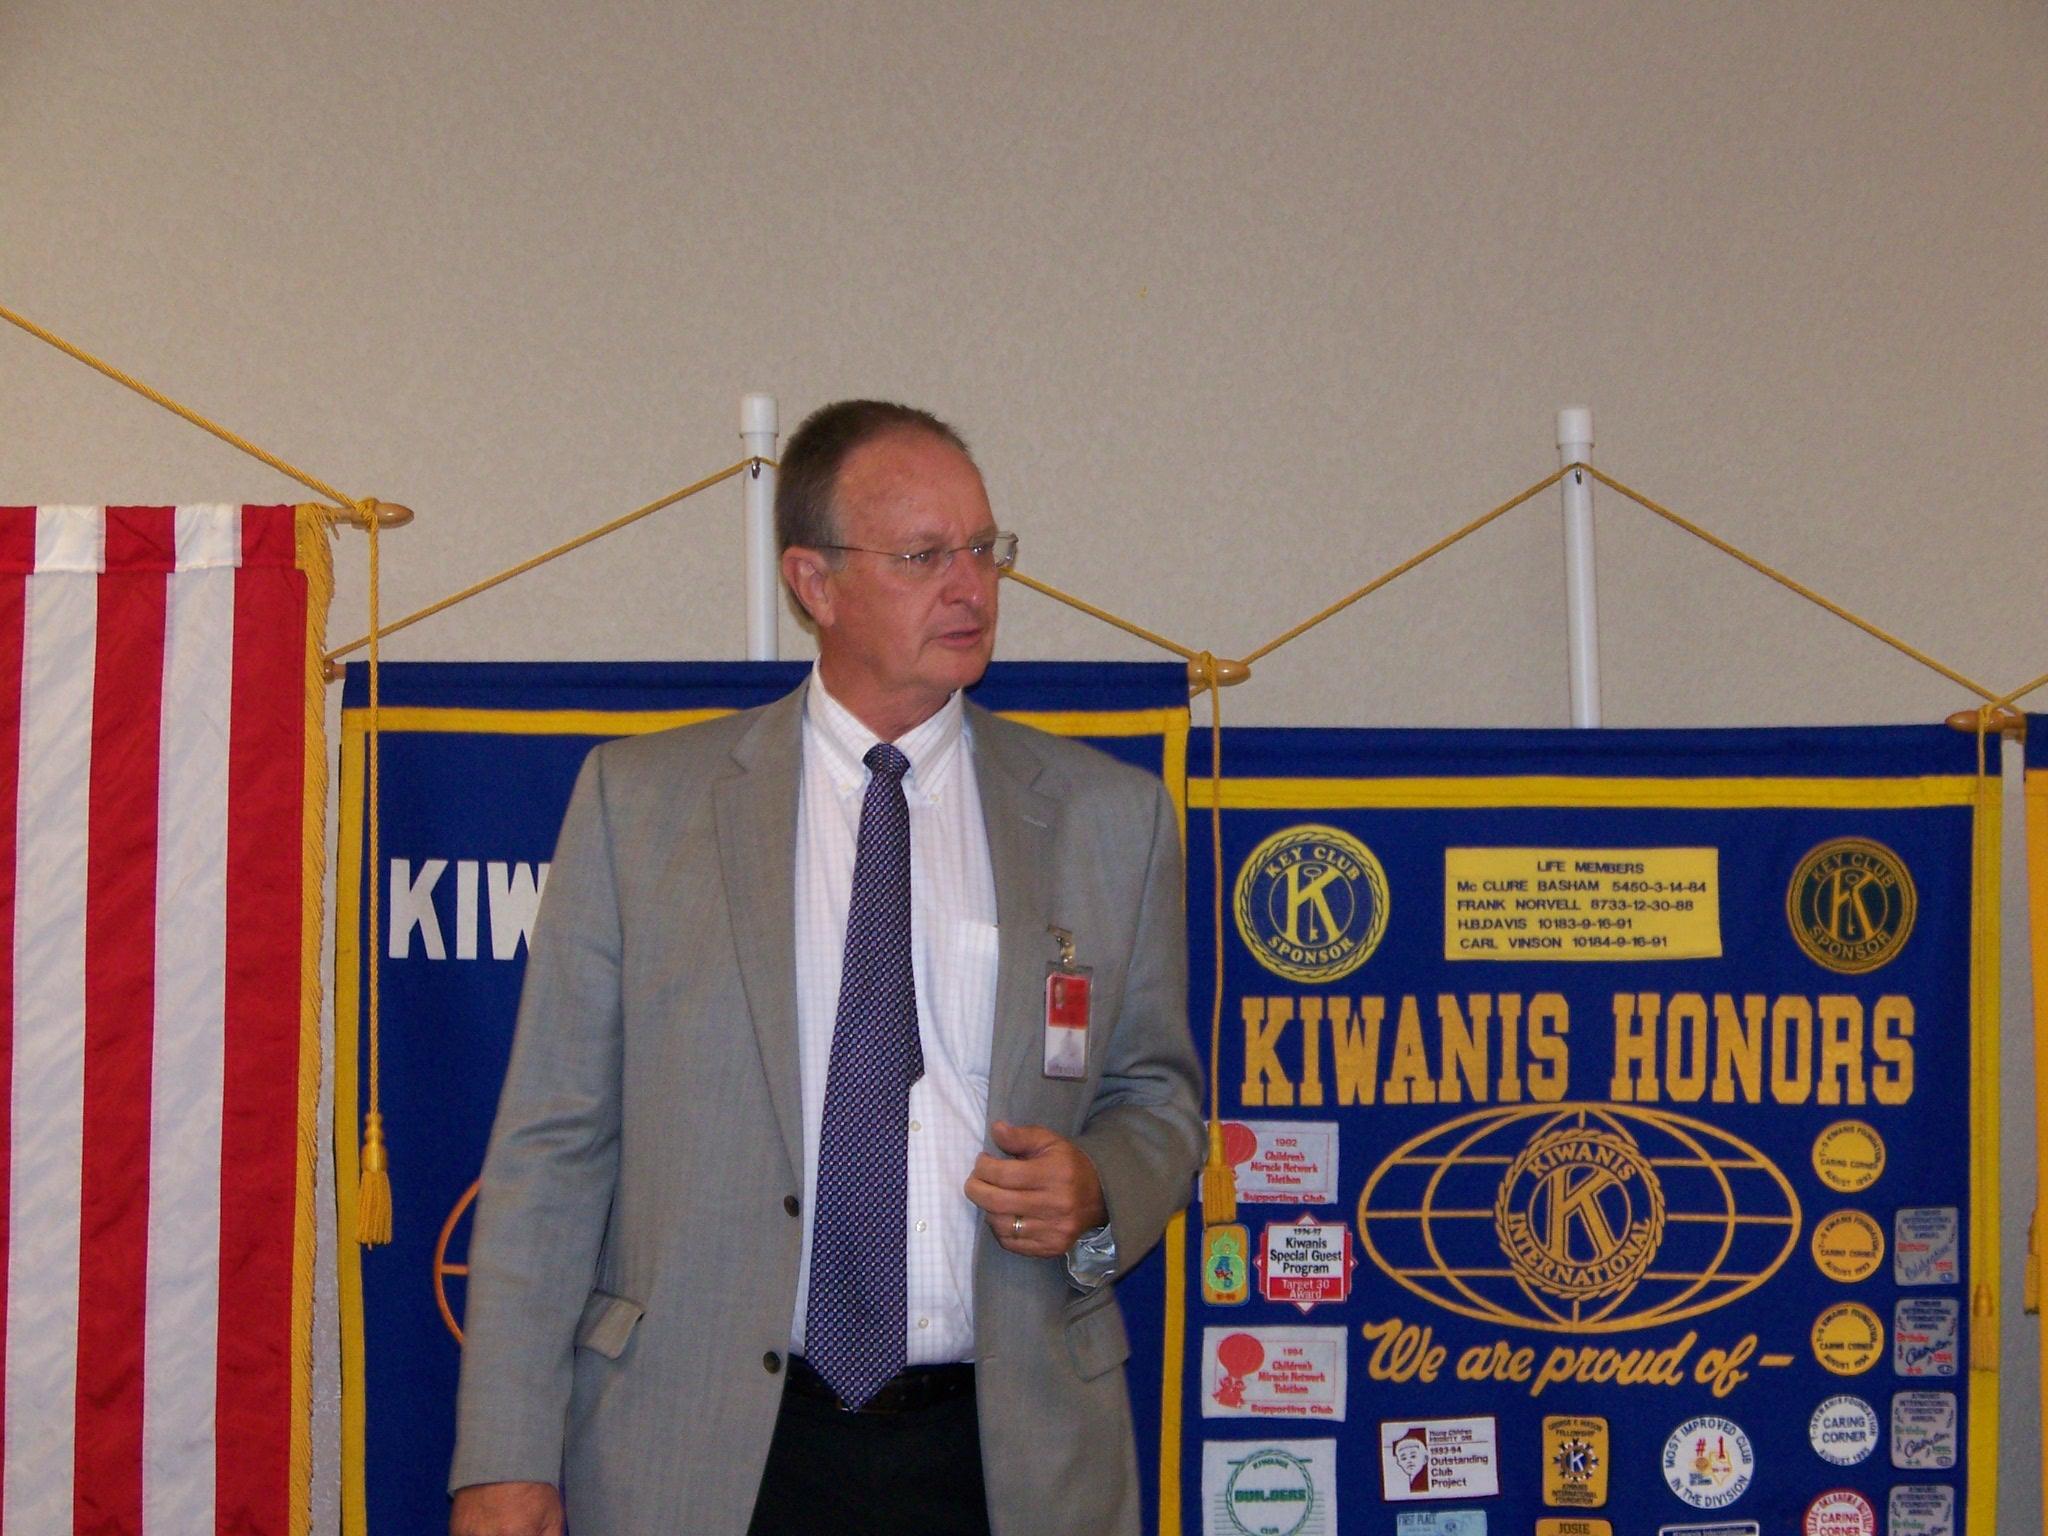 Principal Larry Brazzil